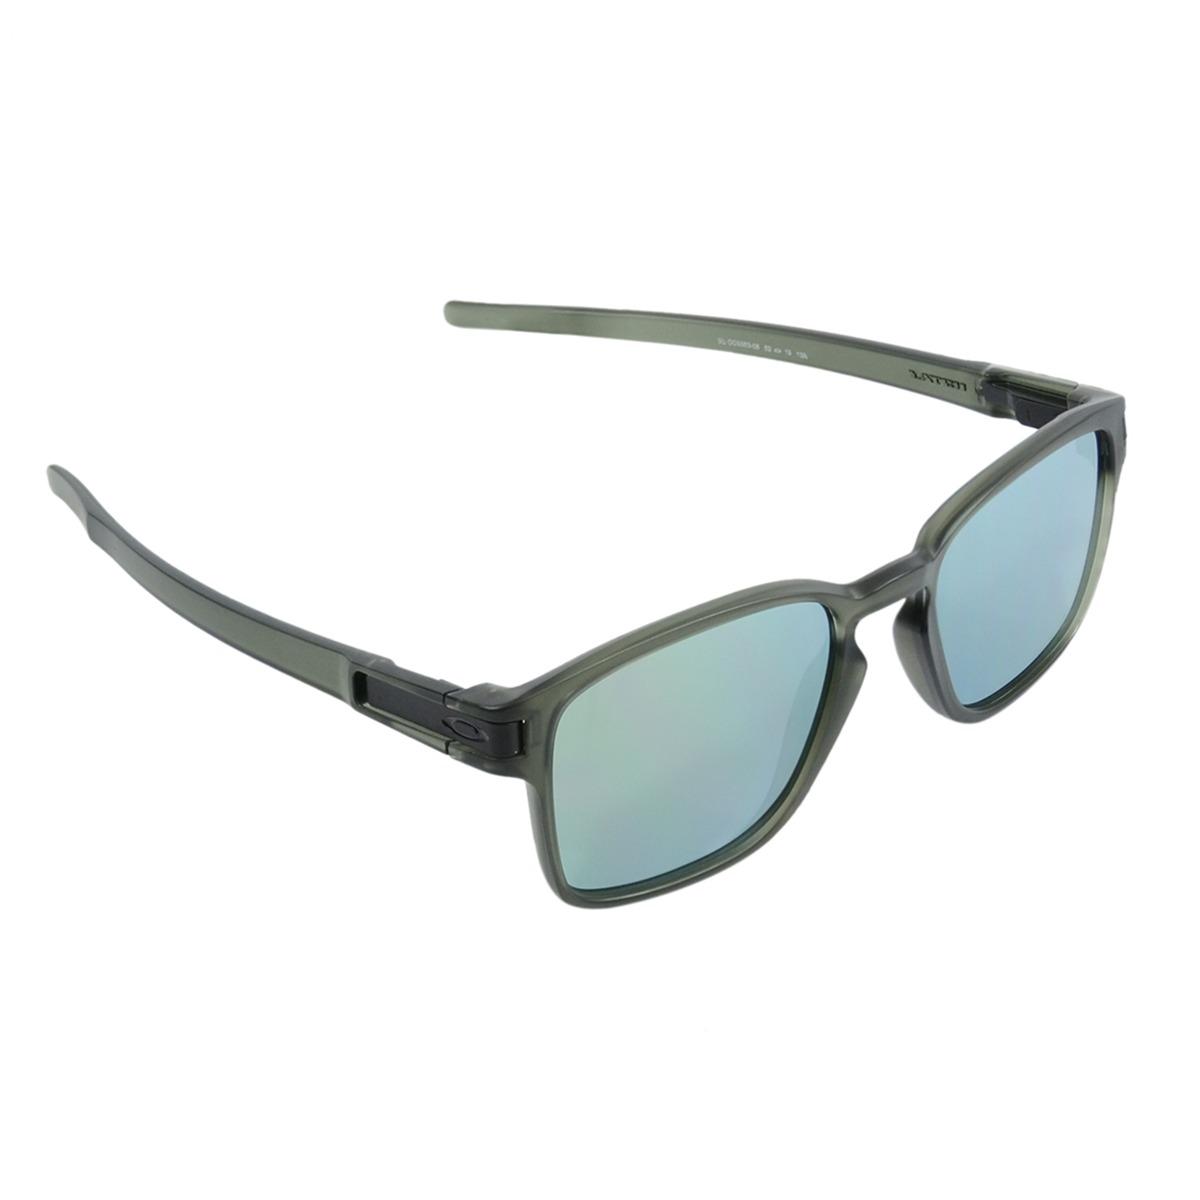 Óculos Masculino Oakley Latch Sq Matte Olive Emerald - R  385,00 em ... 01c0ac08a3